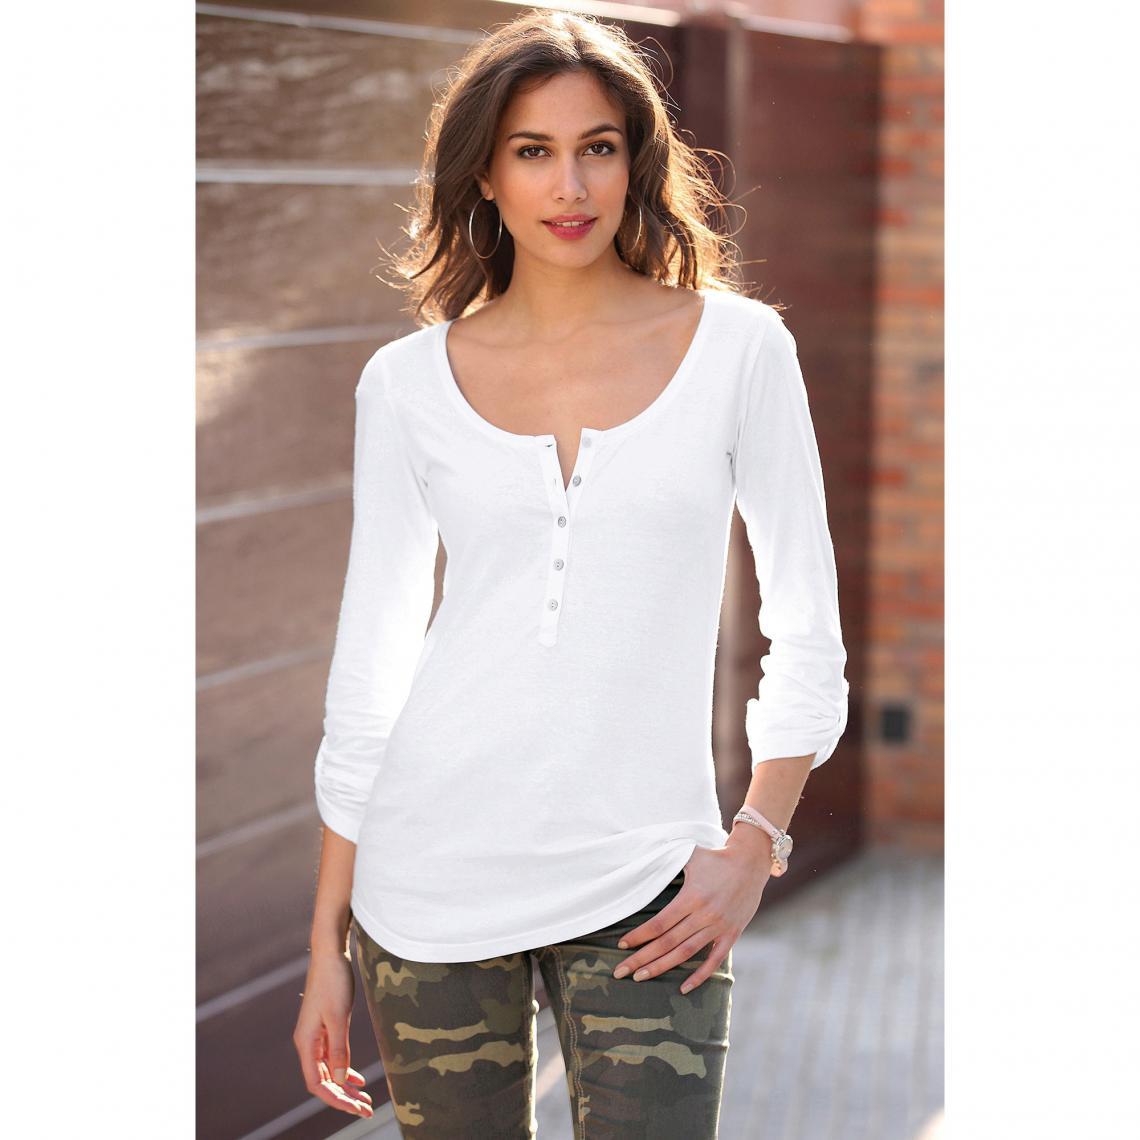 Manches Nacre Longues Tee Shirt Blanc3 Femme En Suisses Boutons pULSzMGqV